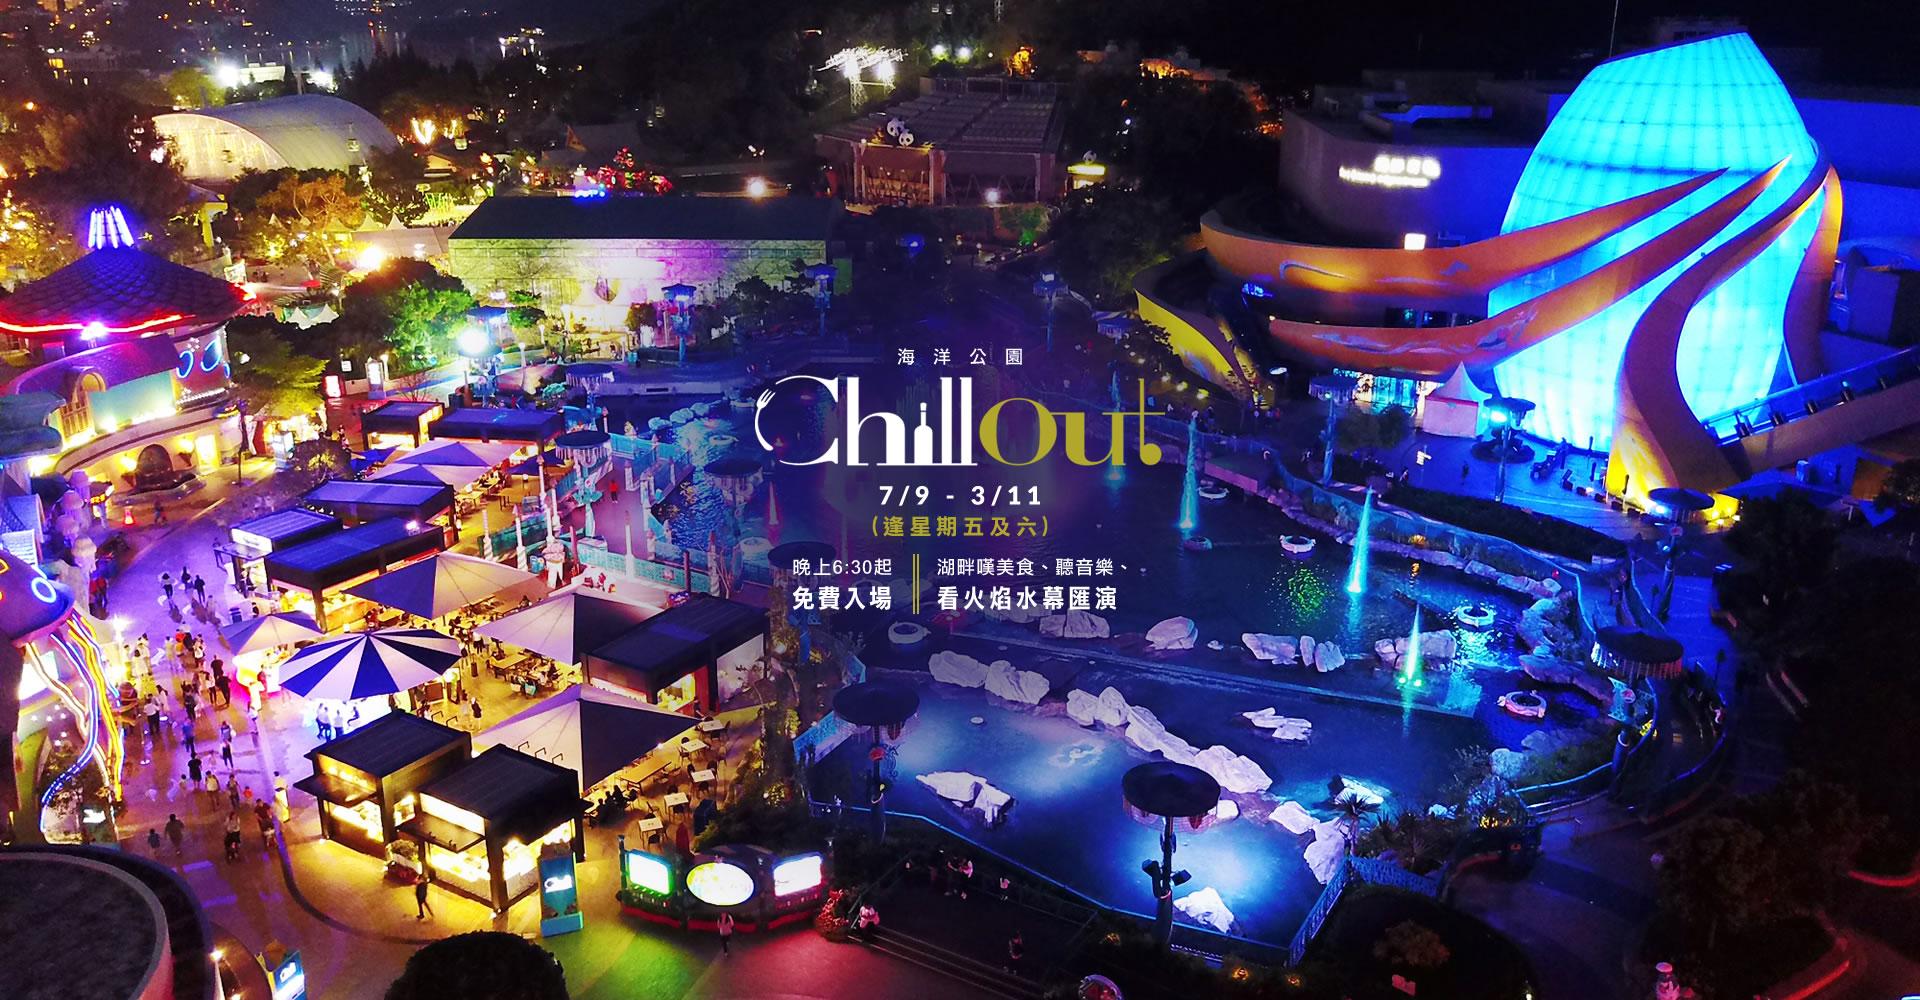 https://media.oceanpark.com.hk/files/s3fs-public/chillout_inside_banner_desktop_TC_0.jpg